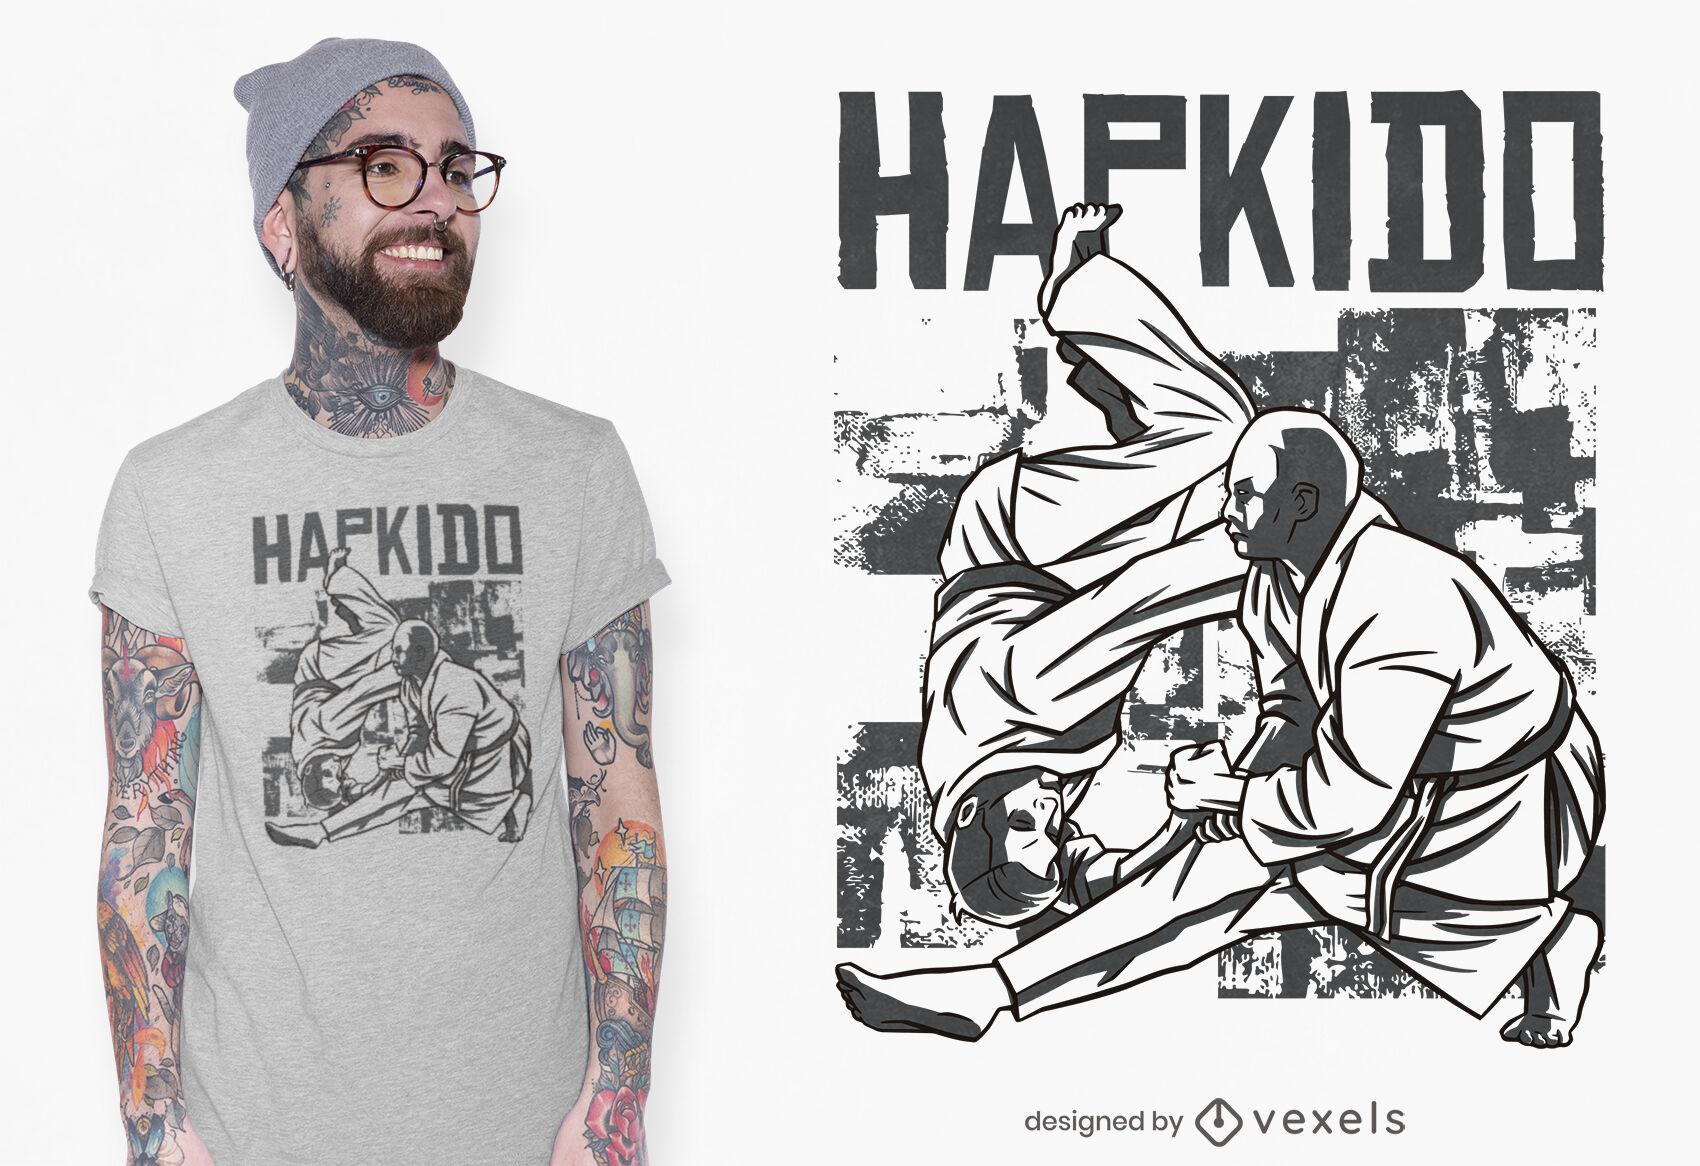 Diseño de camiseta de artes marciales Hapkido.